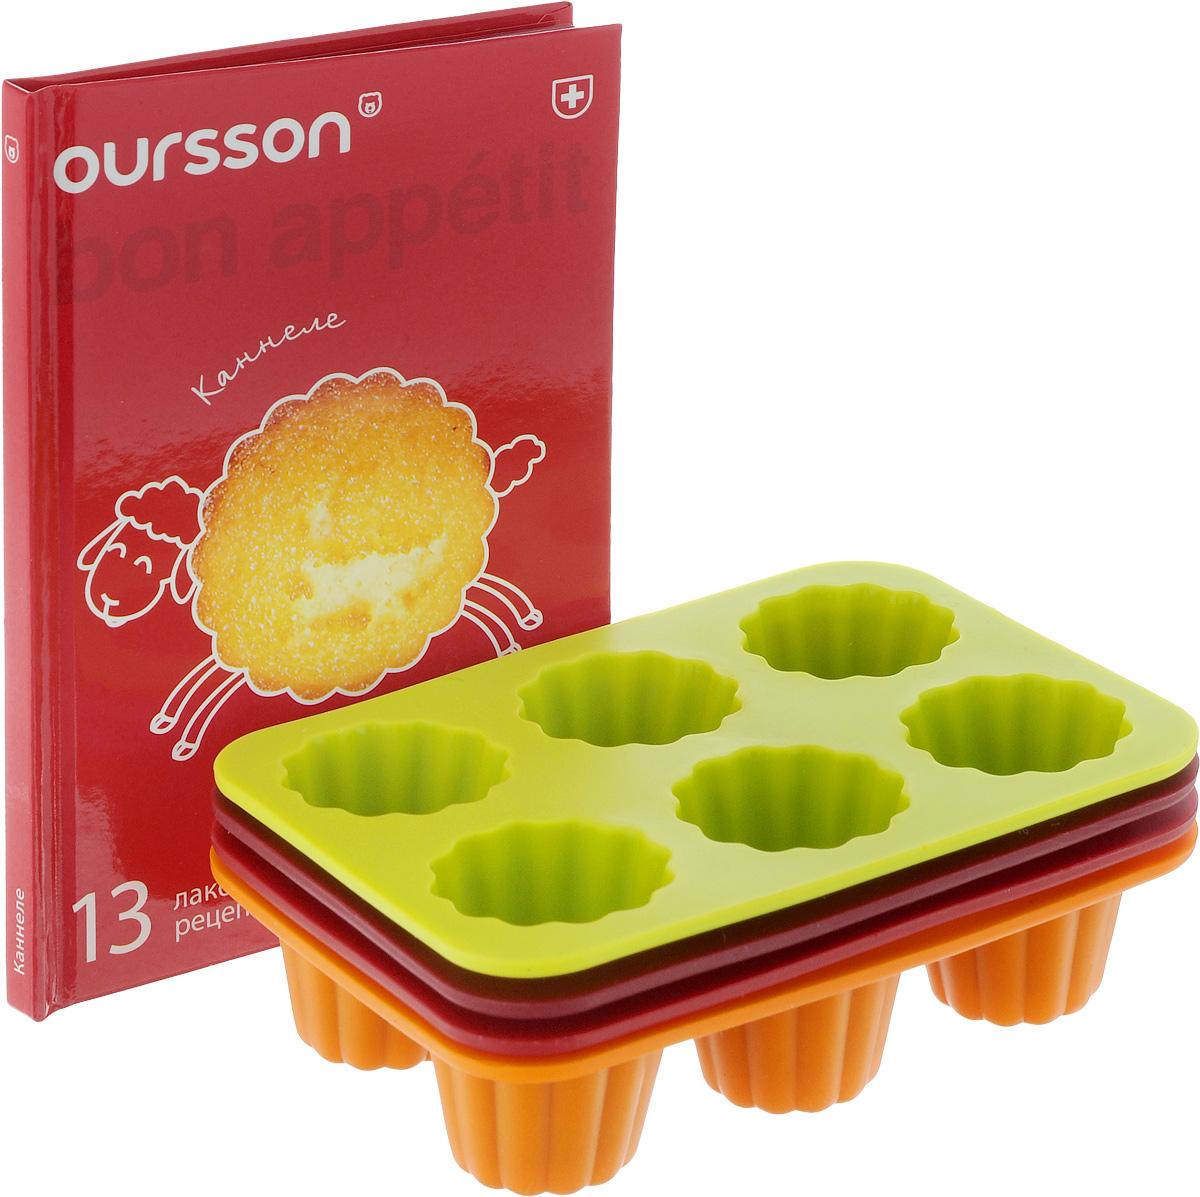 Набор для выпечки Oursson Bon Appetit, 5 предметов. BW1353SS/MCBW1353SS/MCНабор для выпечки Oursson Bon Appetit будет отличным выбором для всех любителей домашней выпечки. Набор состоит из 4 силиконовых форм для выпечки. Каждая форма имеет 6 ячеек для выпечки. Силиконовые формы для выпечки имеют множество преимуществ по сравнению с традиционными металлическими формами и противнями. Нет необходимости смазывать форму маслом. Она быстро нагревается, равномерно пропекает, не допускает подгорания выпечки с краев или снизу.Материал устойчив к фруктовым кислотам, не ржавеет, на нем не образуются пятна. В комплекте к формам идет книга с 13 рецептами.Форма может быть использована в духовках и микроволновых печах (выдерживает температуру от -20°С до +220°С), также ее можно помещать в морозильную камеру и холодильник.Размер формы: 12,5 х 9 х 2,5 см.Размер ячейки: 3,3 х 3,3 х 2,5 см.